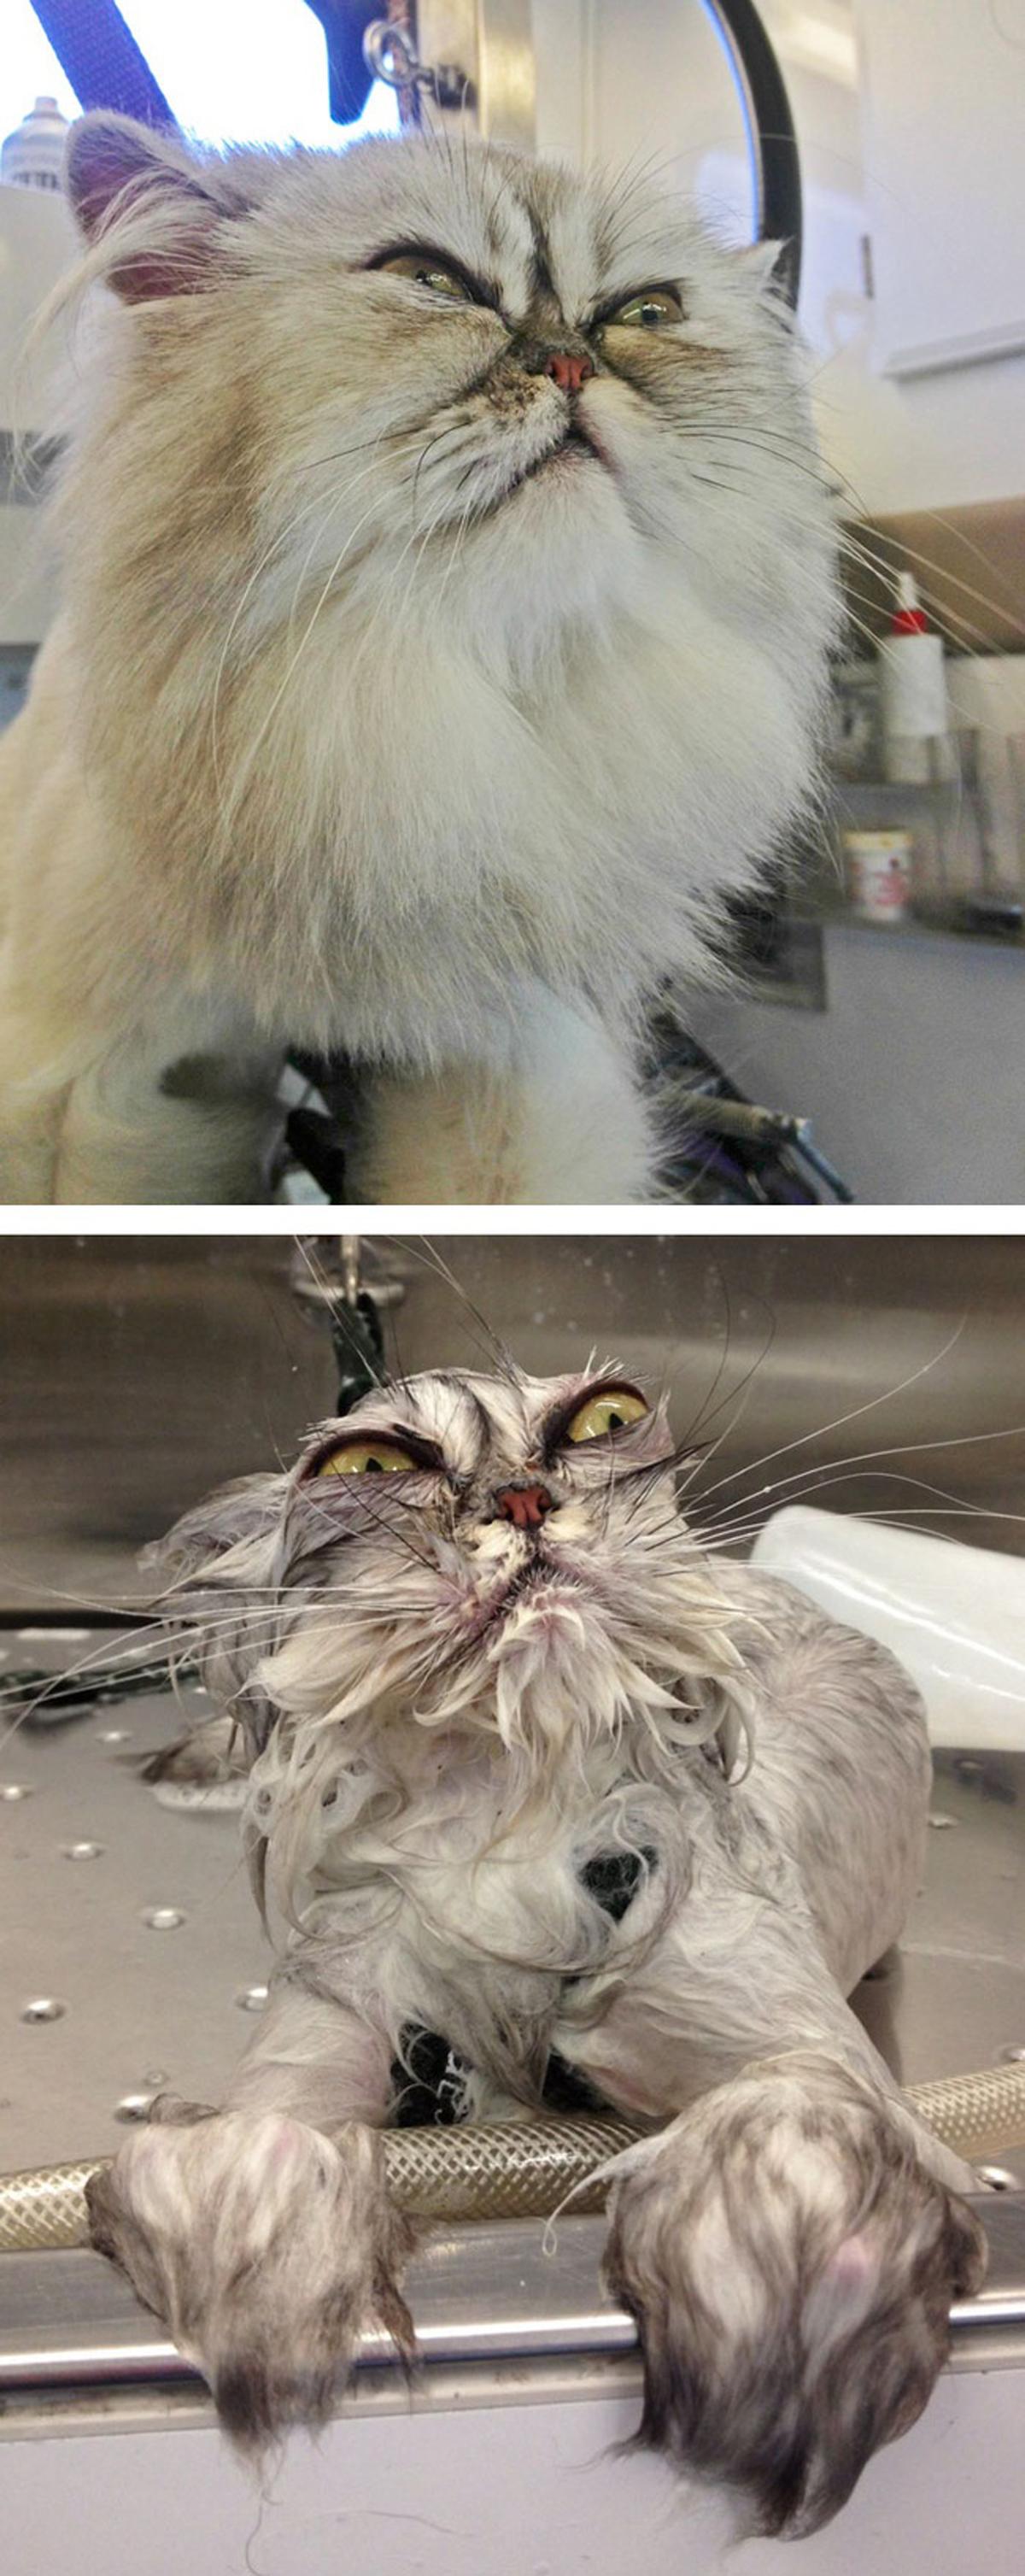 Thú cưng hóa phù thuỷ khi đi tắm